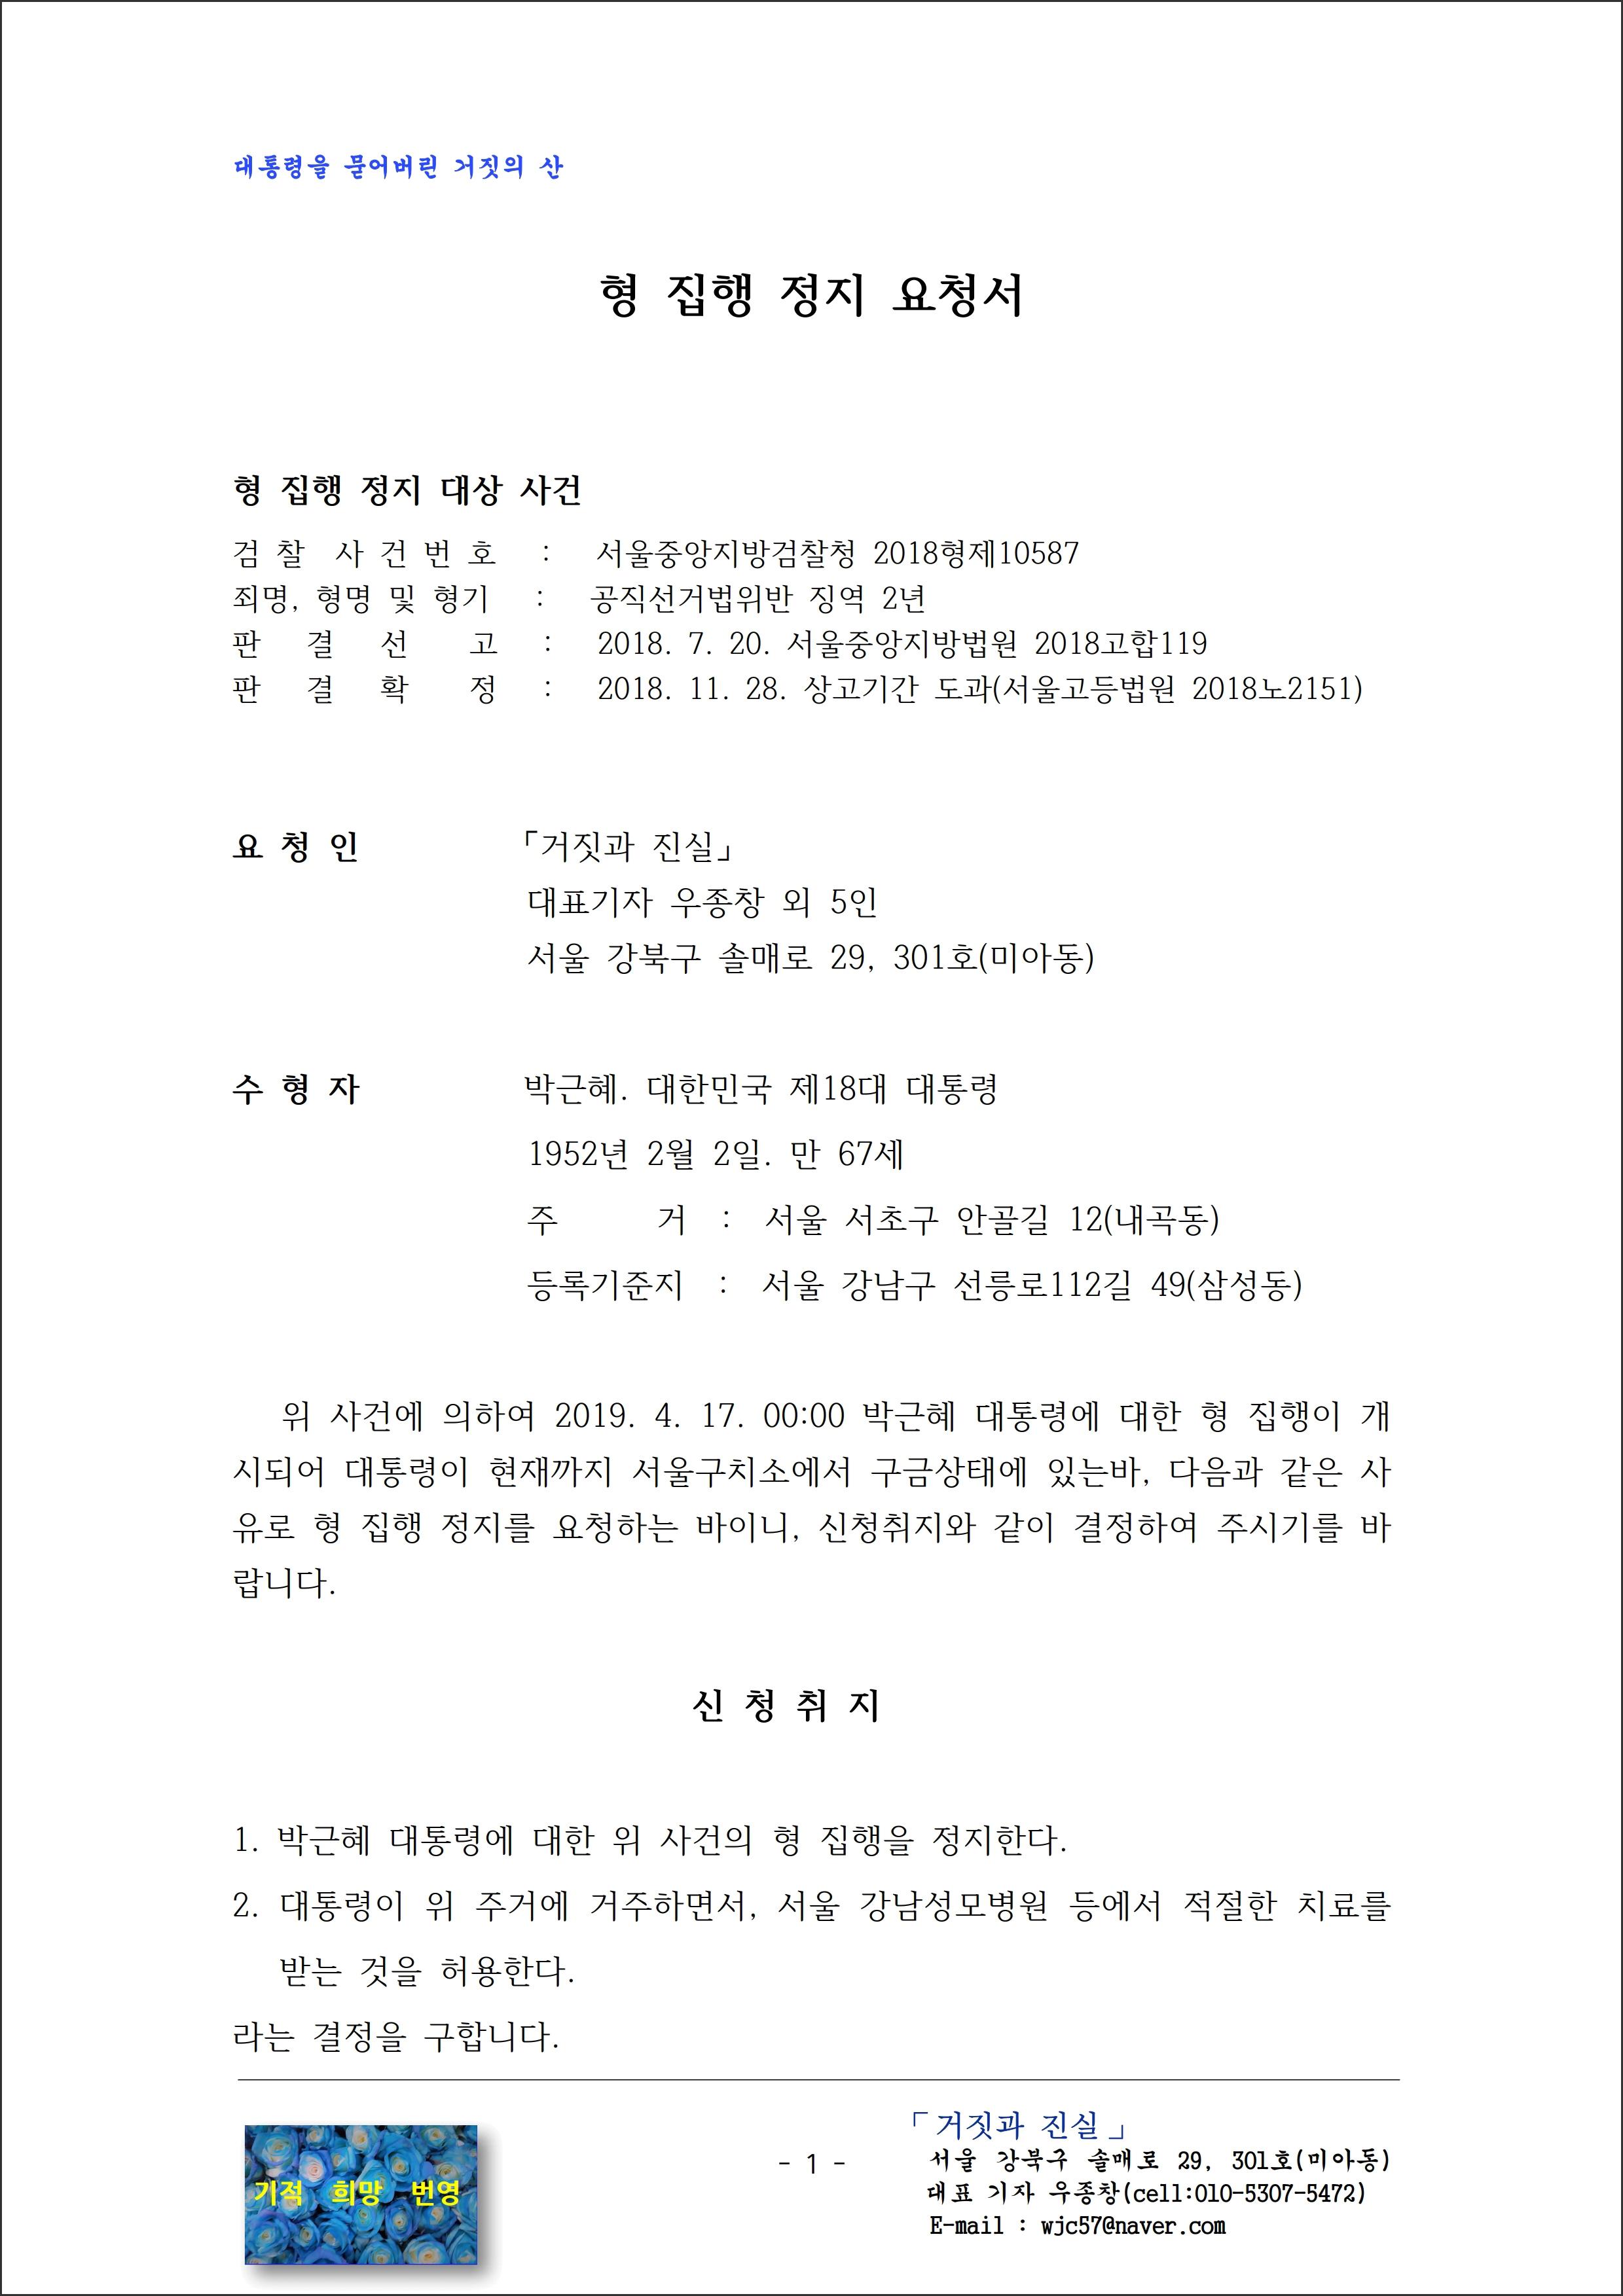 박근혜 대통령 형 집행정지 요청서